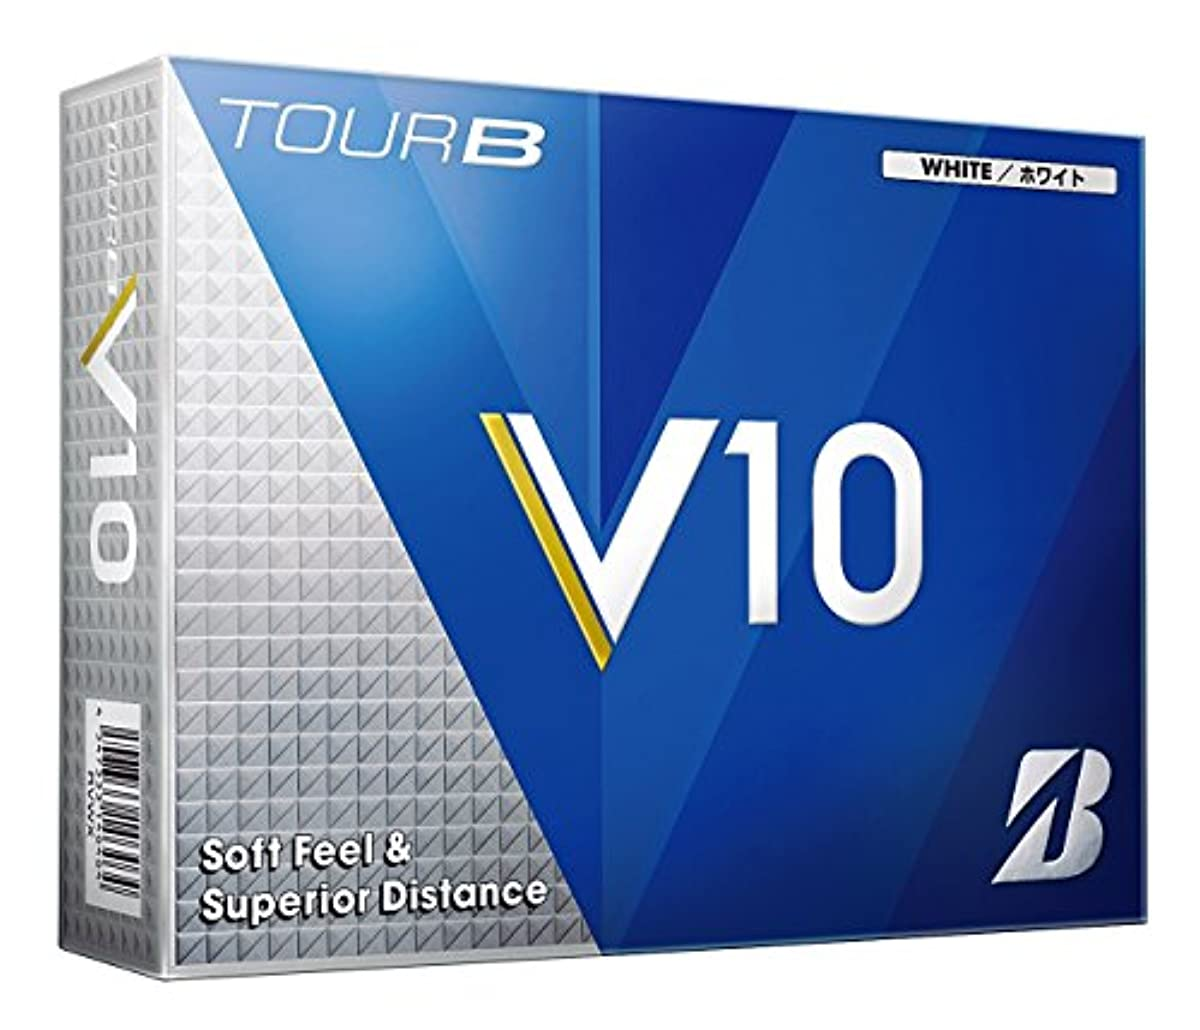 [해외] BRIDGESTONE(브리지스톤) 골프 볼 TOUR B V10 2016년 모델